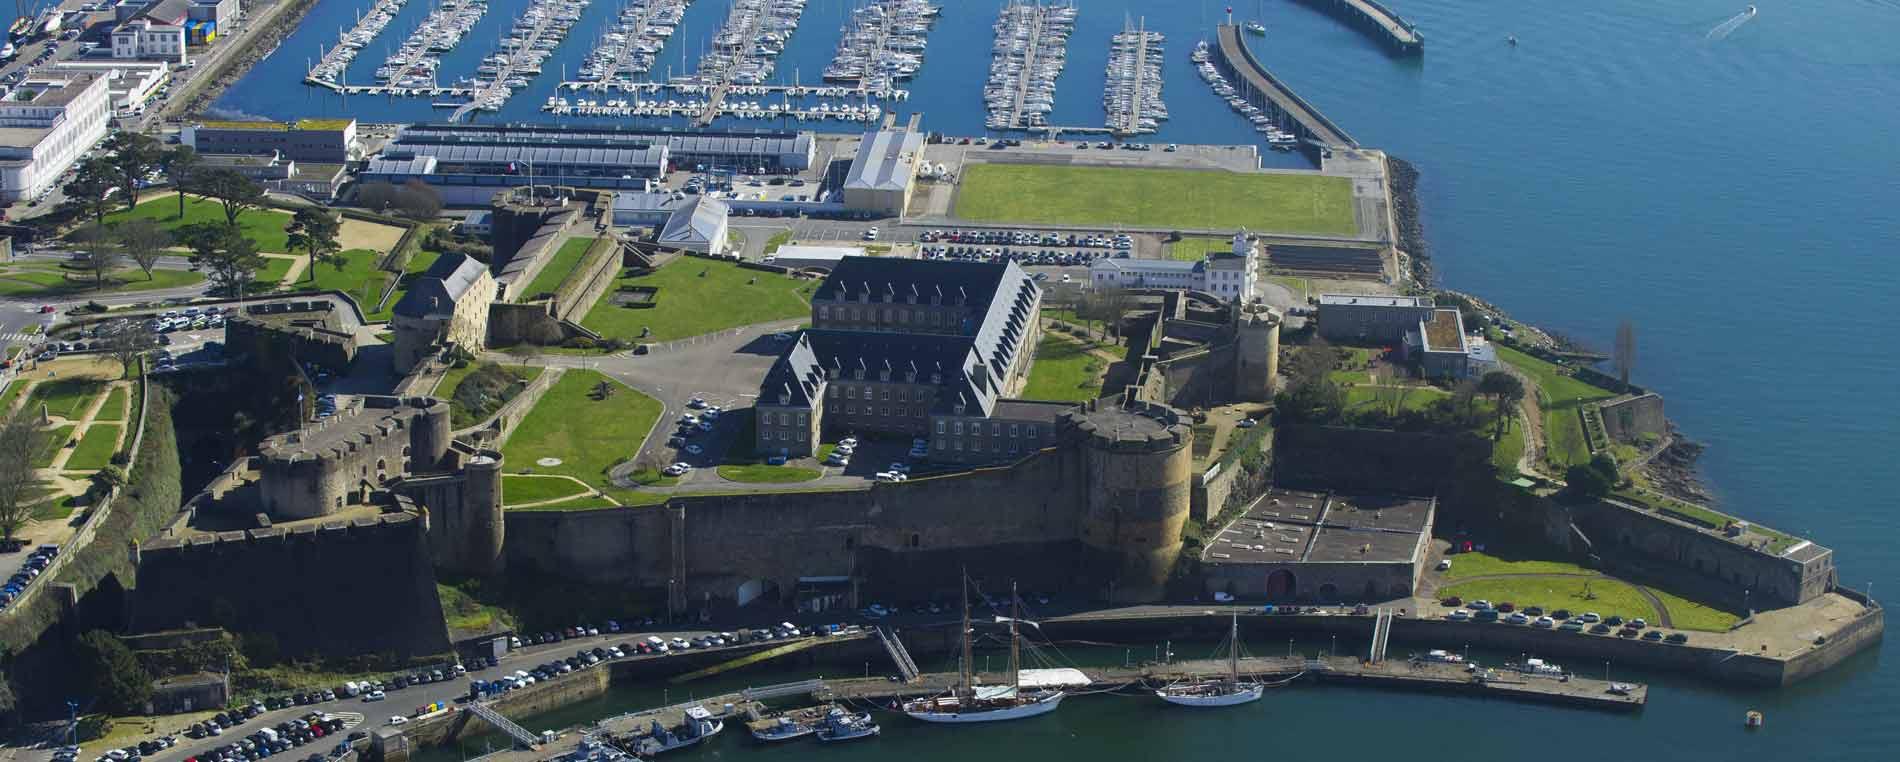 Le château, Musée national de la Marine à Brest